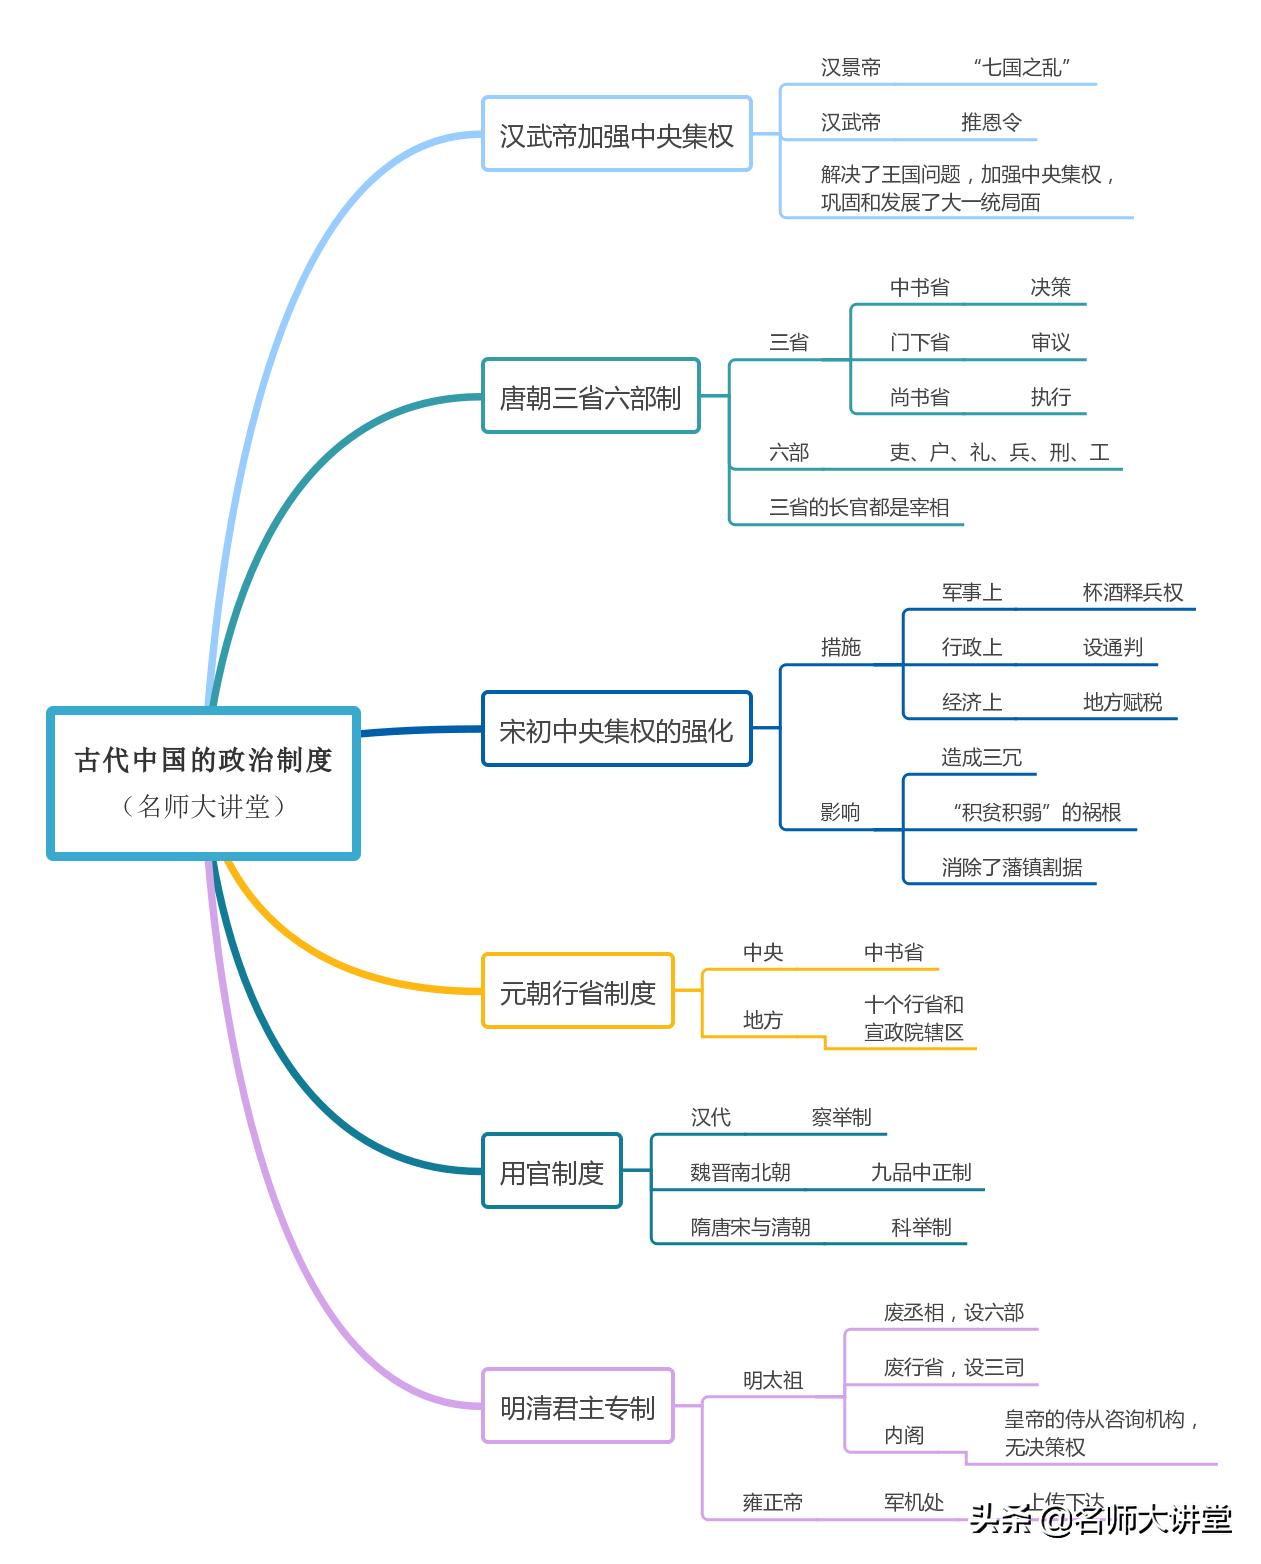 历史必修一每课框架图(高一历史必修一知识图)